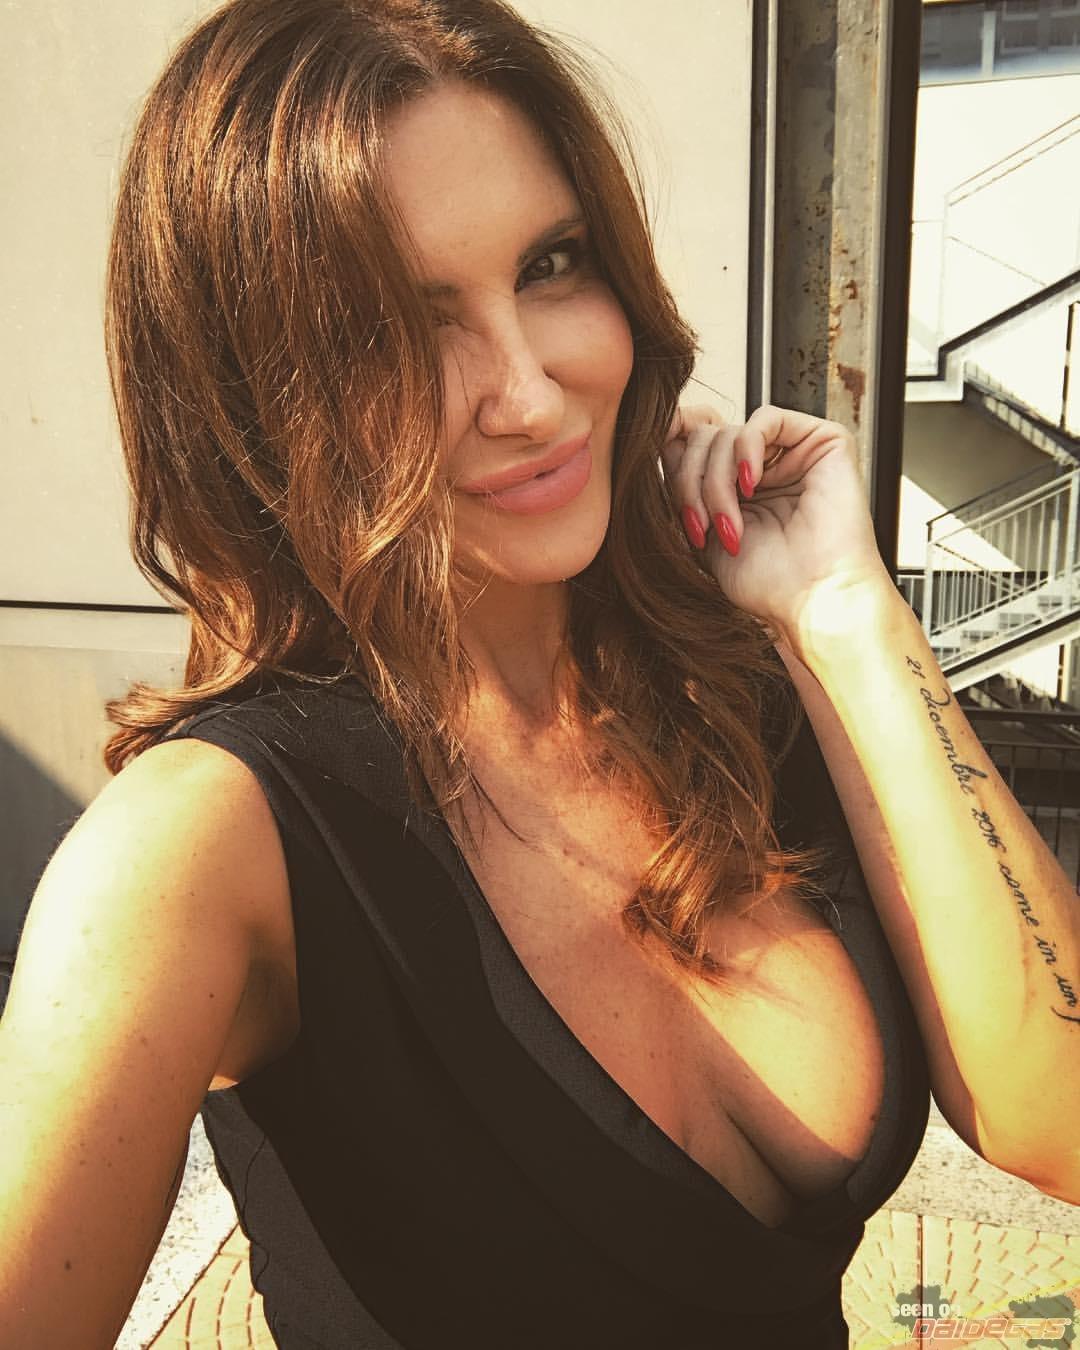 Joanna Golabek Sexy Raccolta Foto Thread - Daidegas Forum